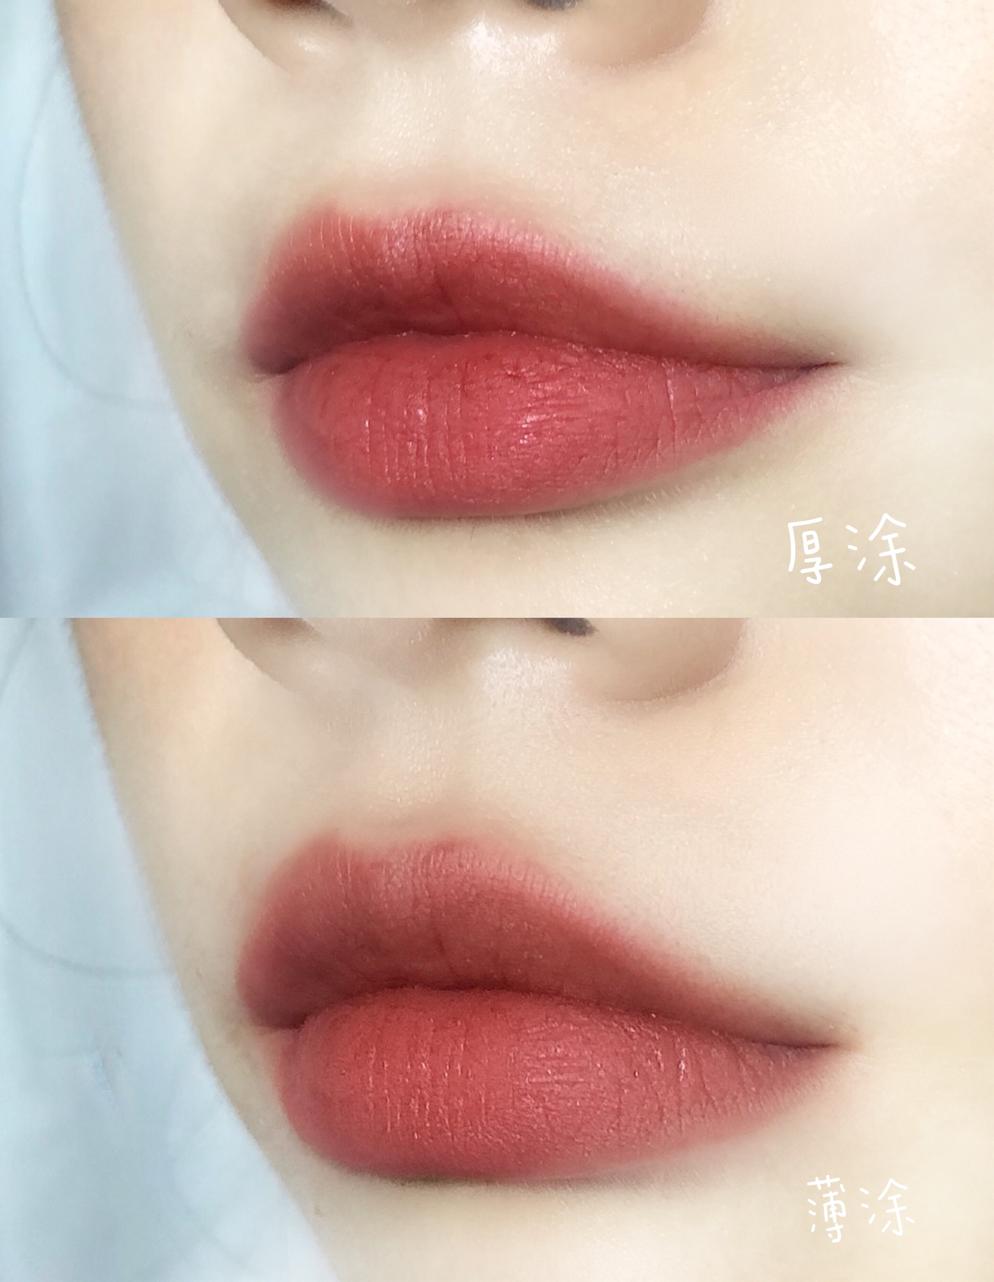 想买很久的口红色!复古唇釉